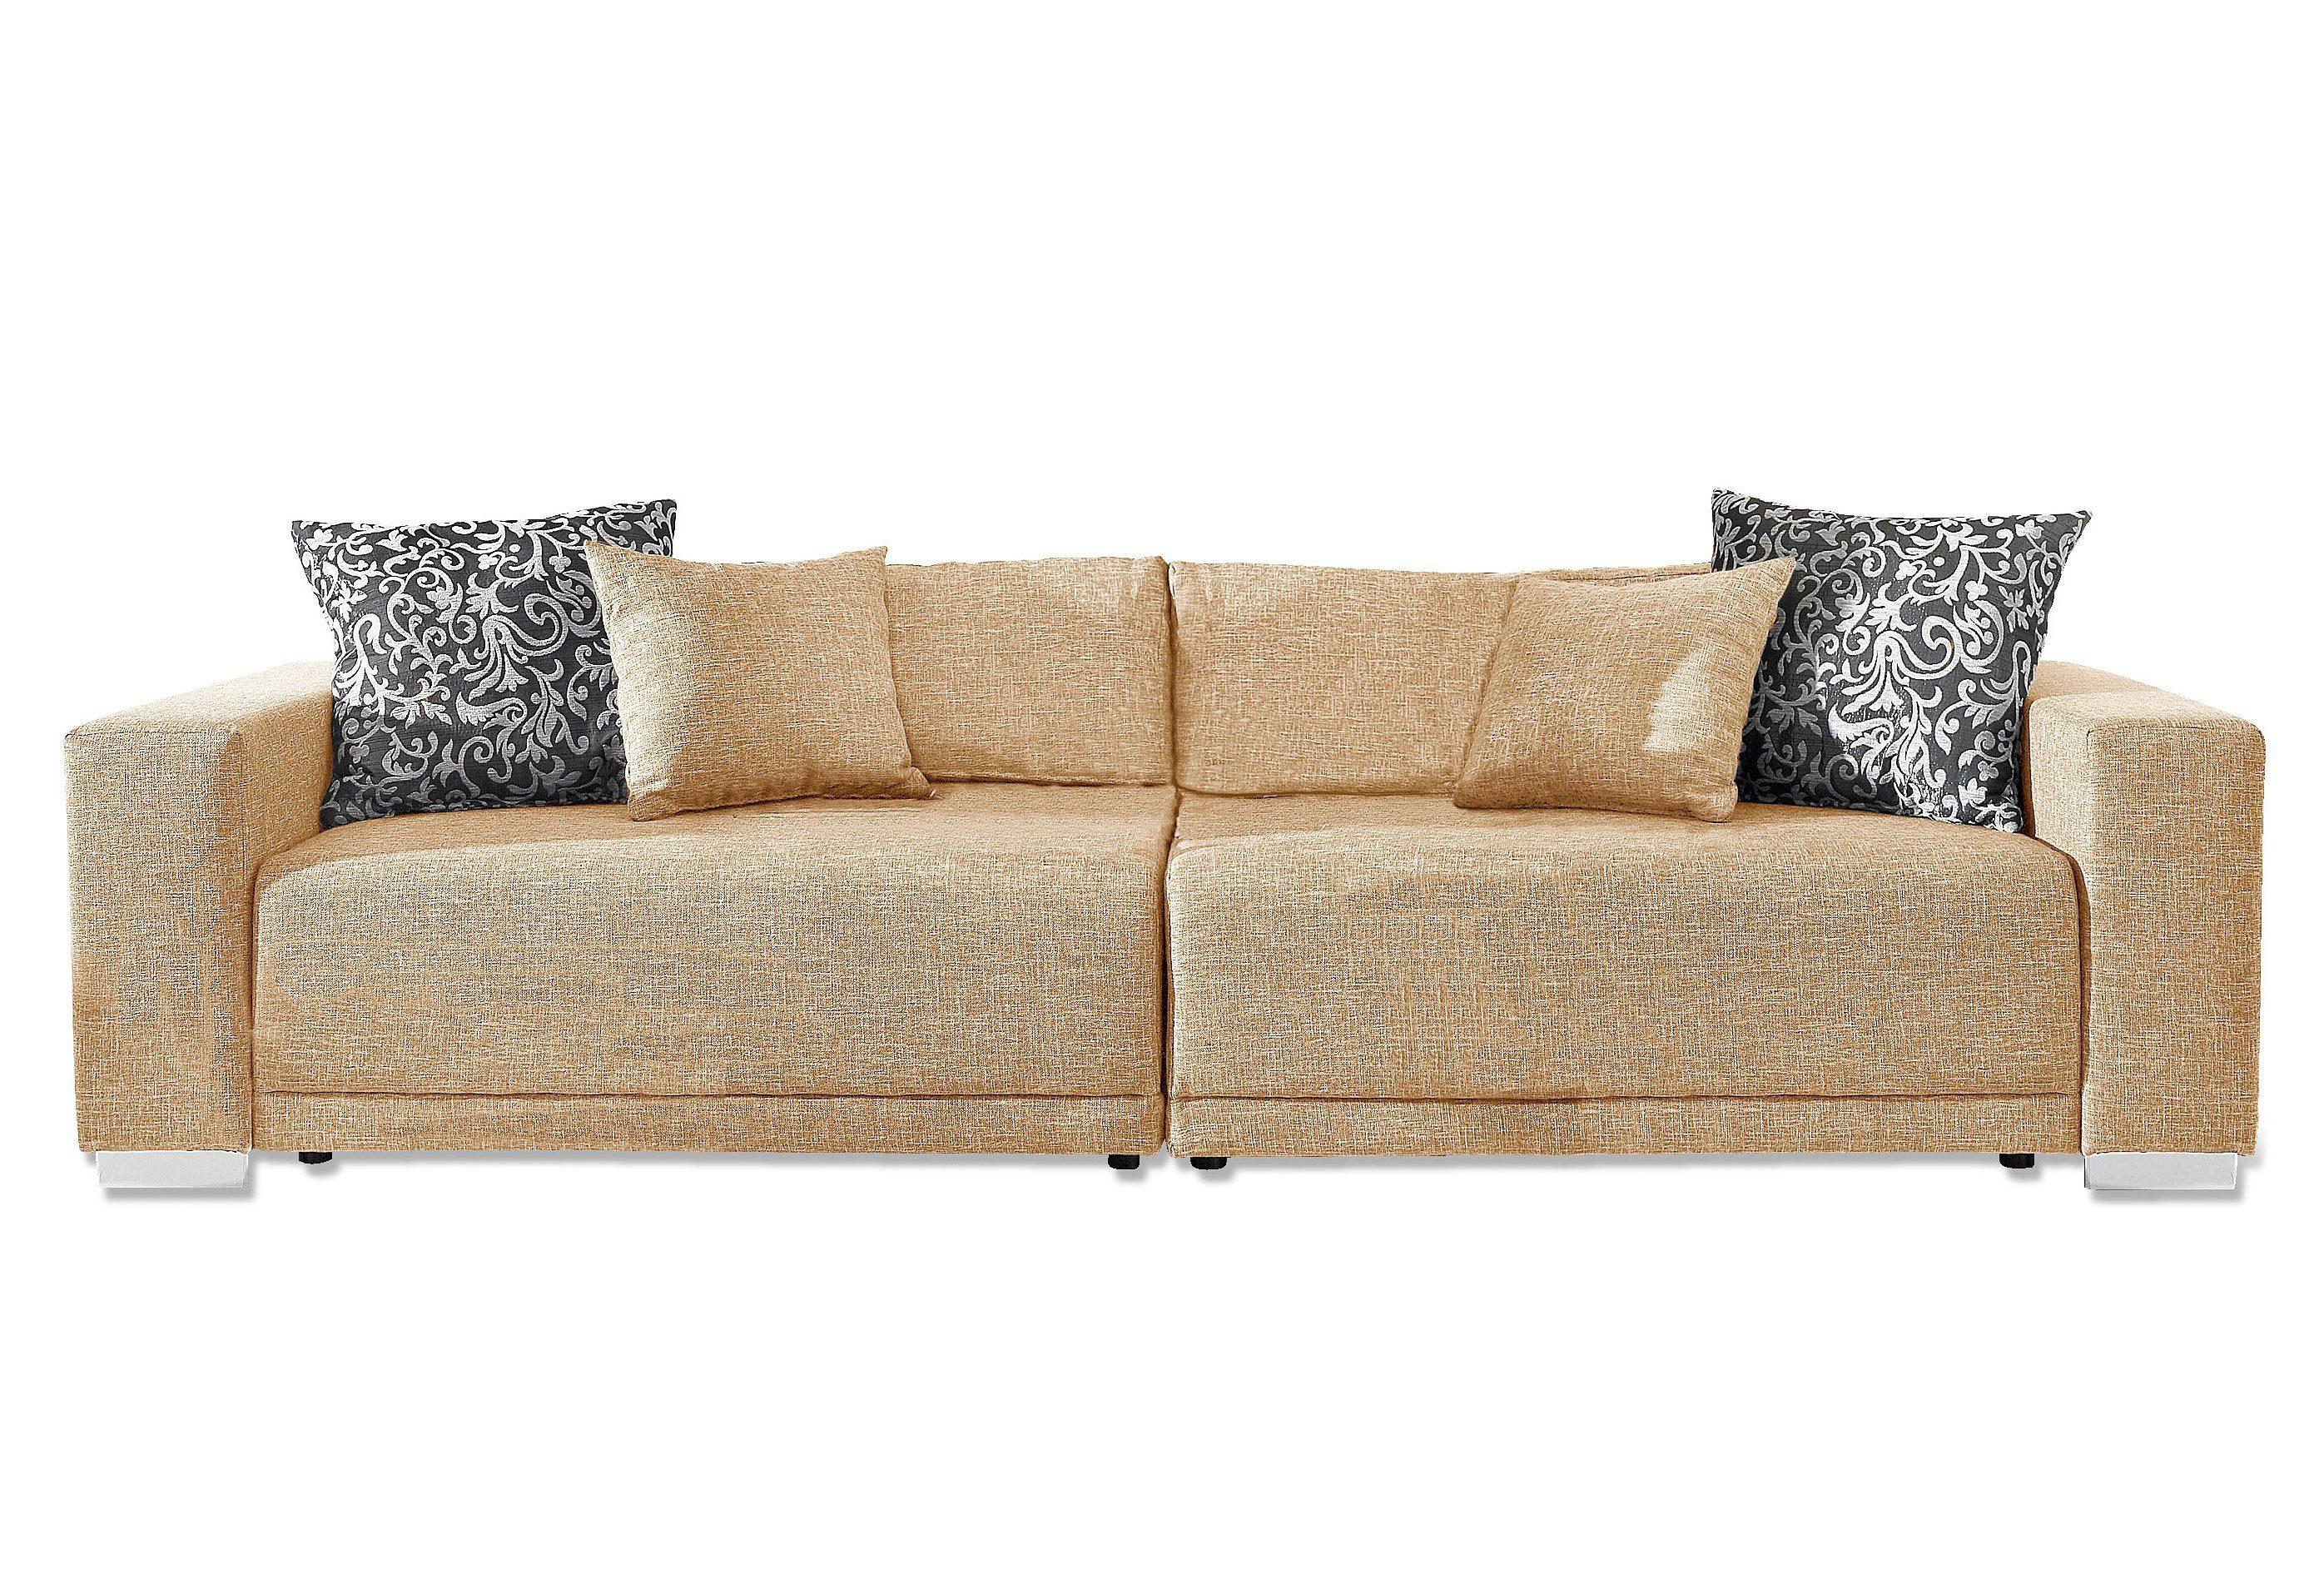 bigsofas online kaufen m bel suchmaschine. Black Bedroom Furniture Sets. Home Design Ideas